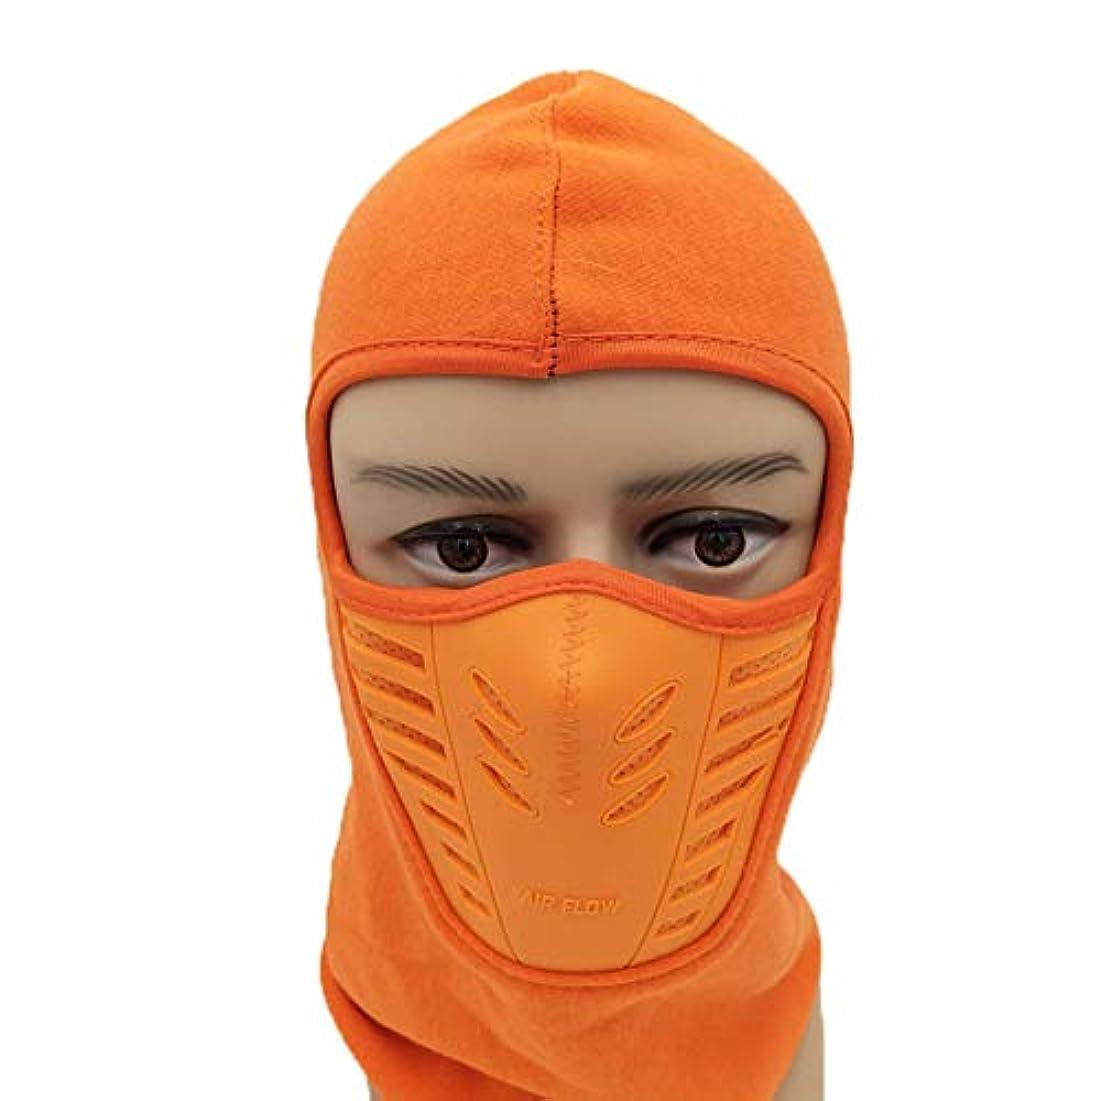 単独で着替える付属品Xlpウィンターフリースネックウォーマー、フェイスマスクカバー、厚手ロングネックガーターチューブ、ビーニーネックウォーマーフード、ウィンターアウトドアスポーツマスク防風フード帽子